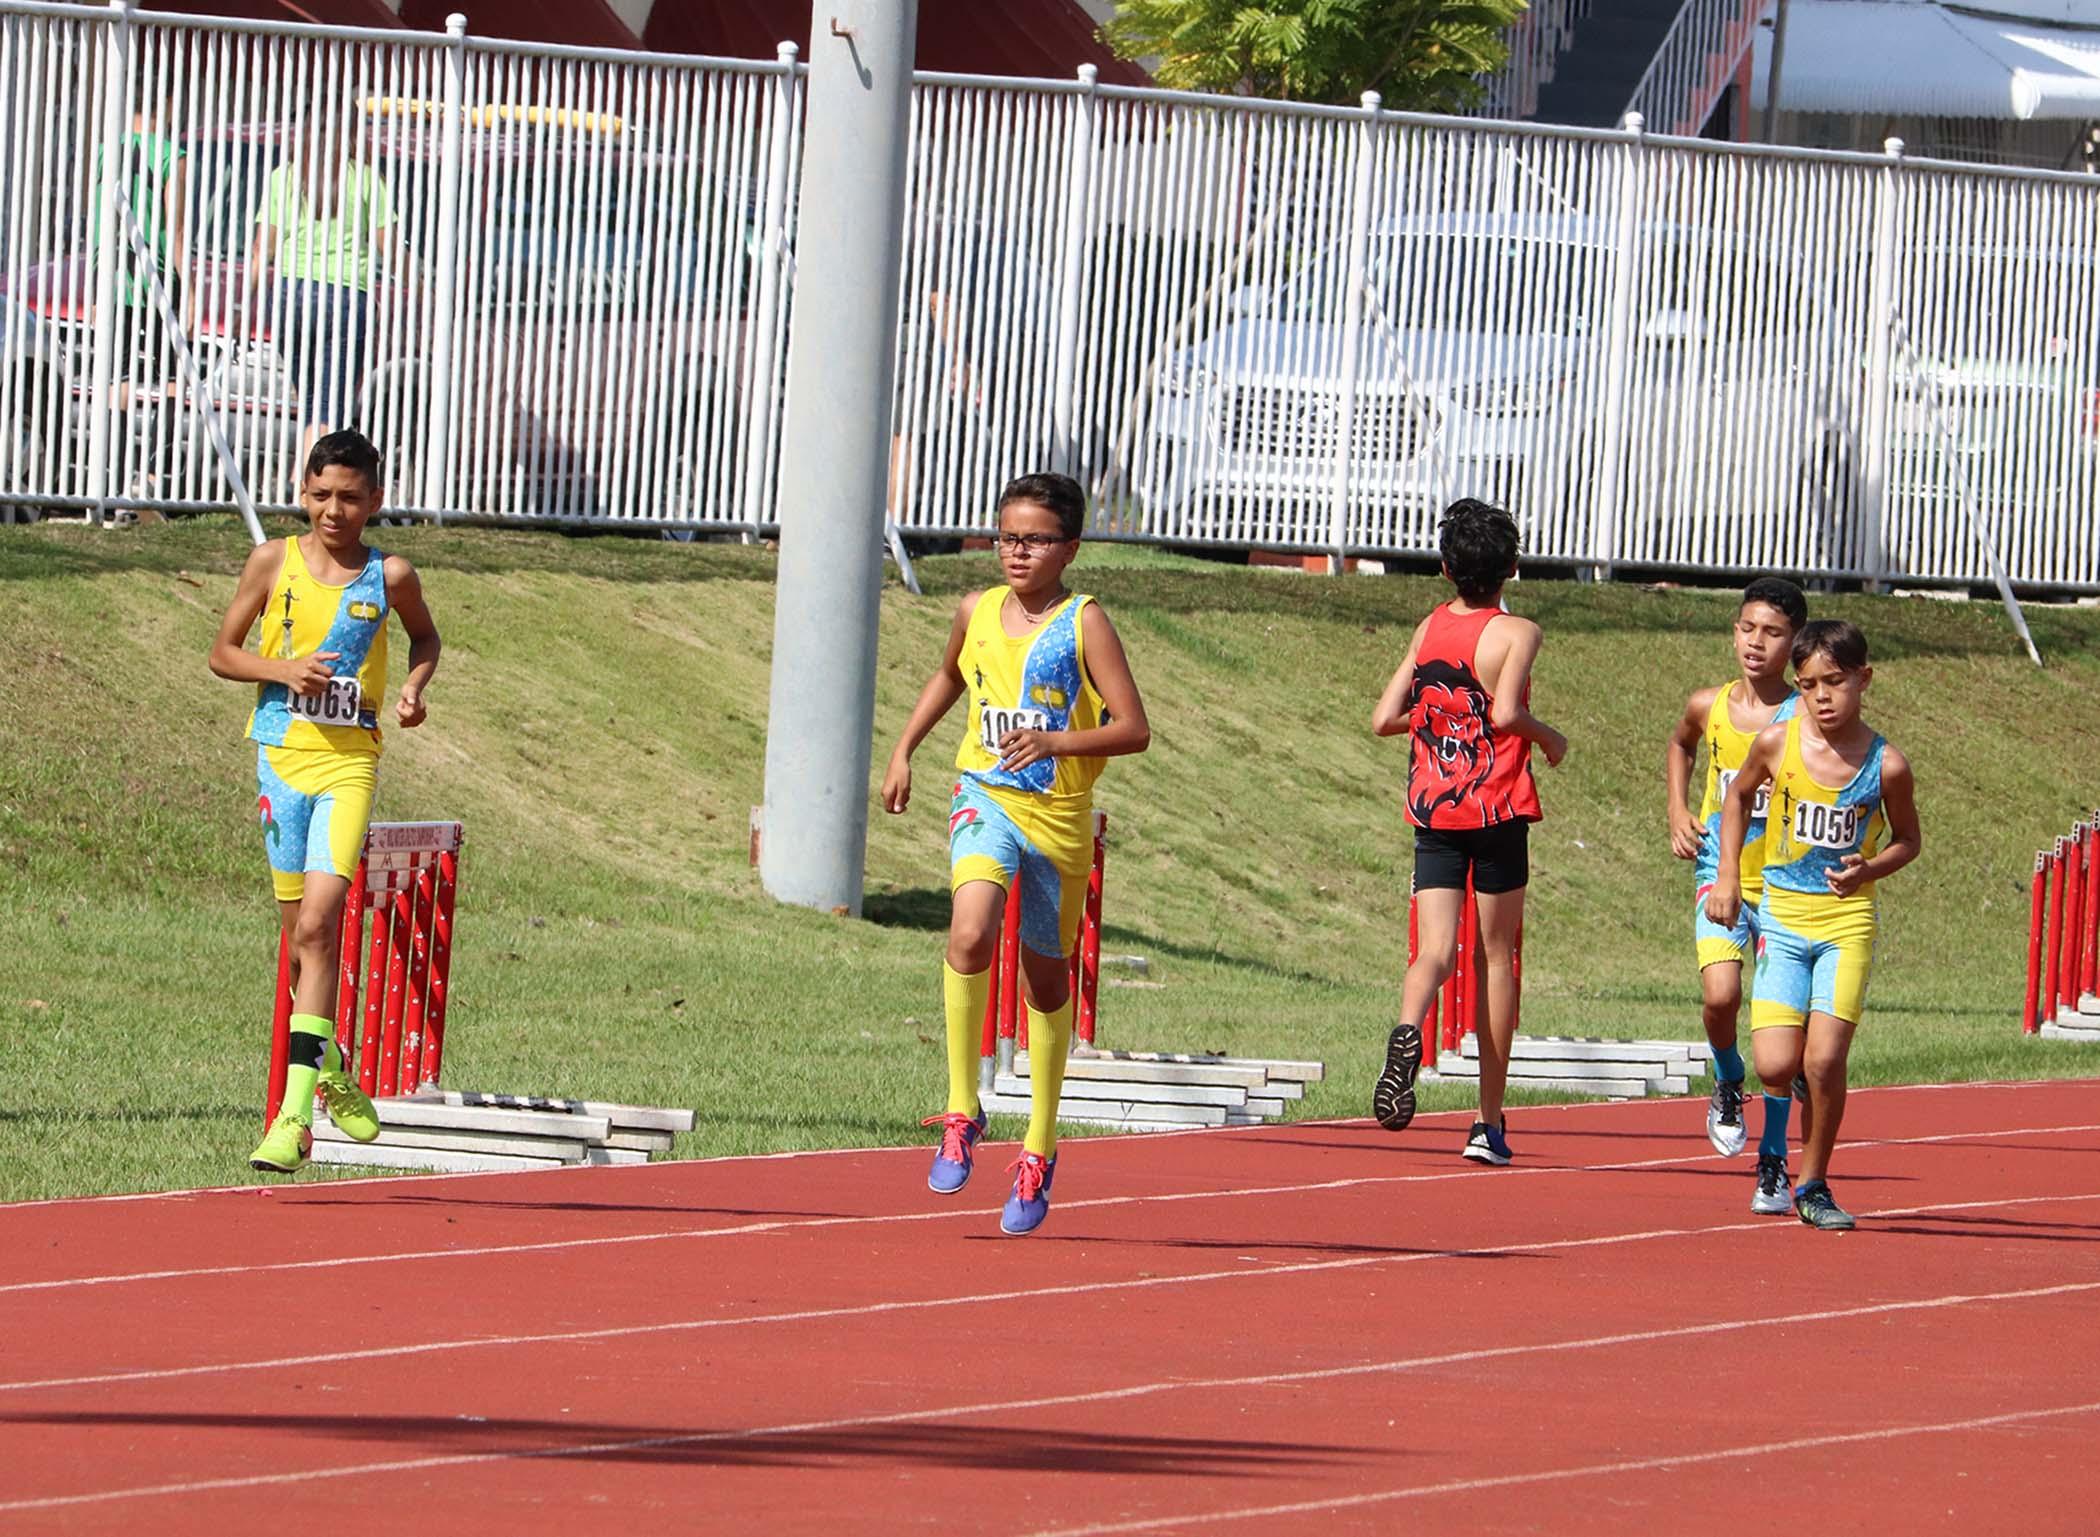 Campeonato-Infantil-Juv-Asoc-Atletismo-PR-13